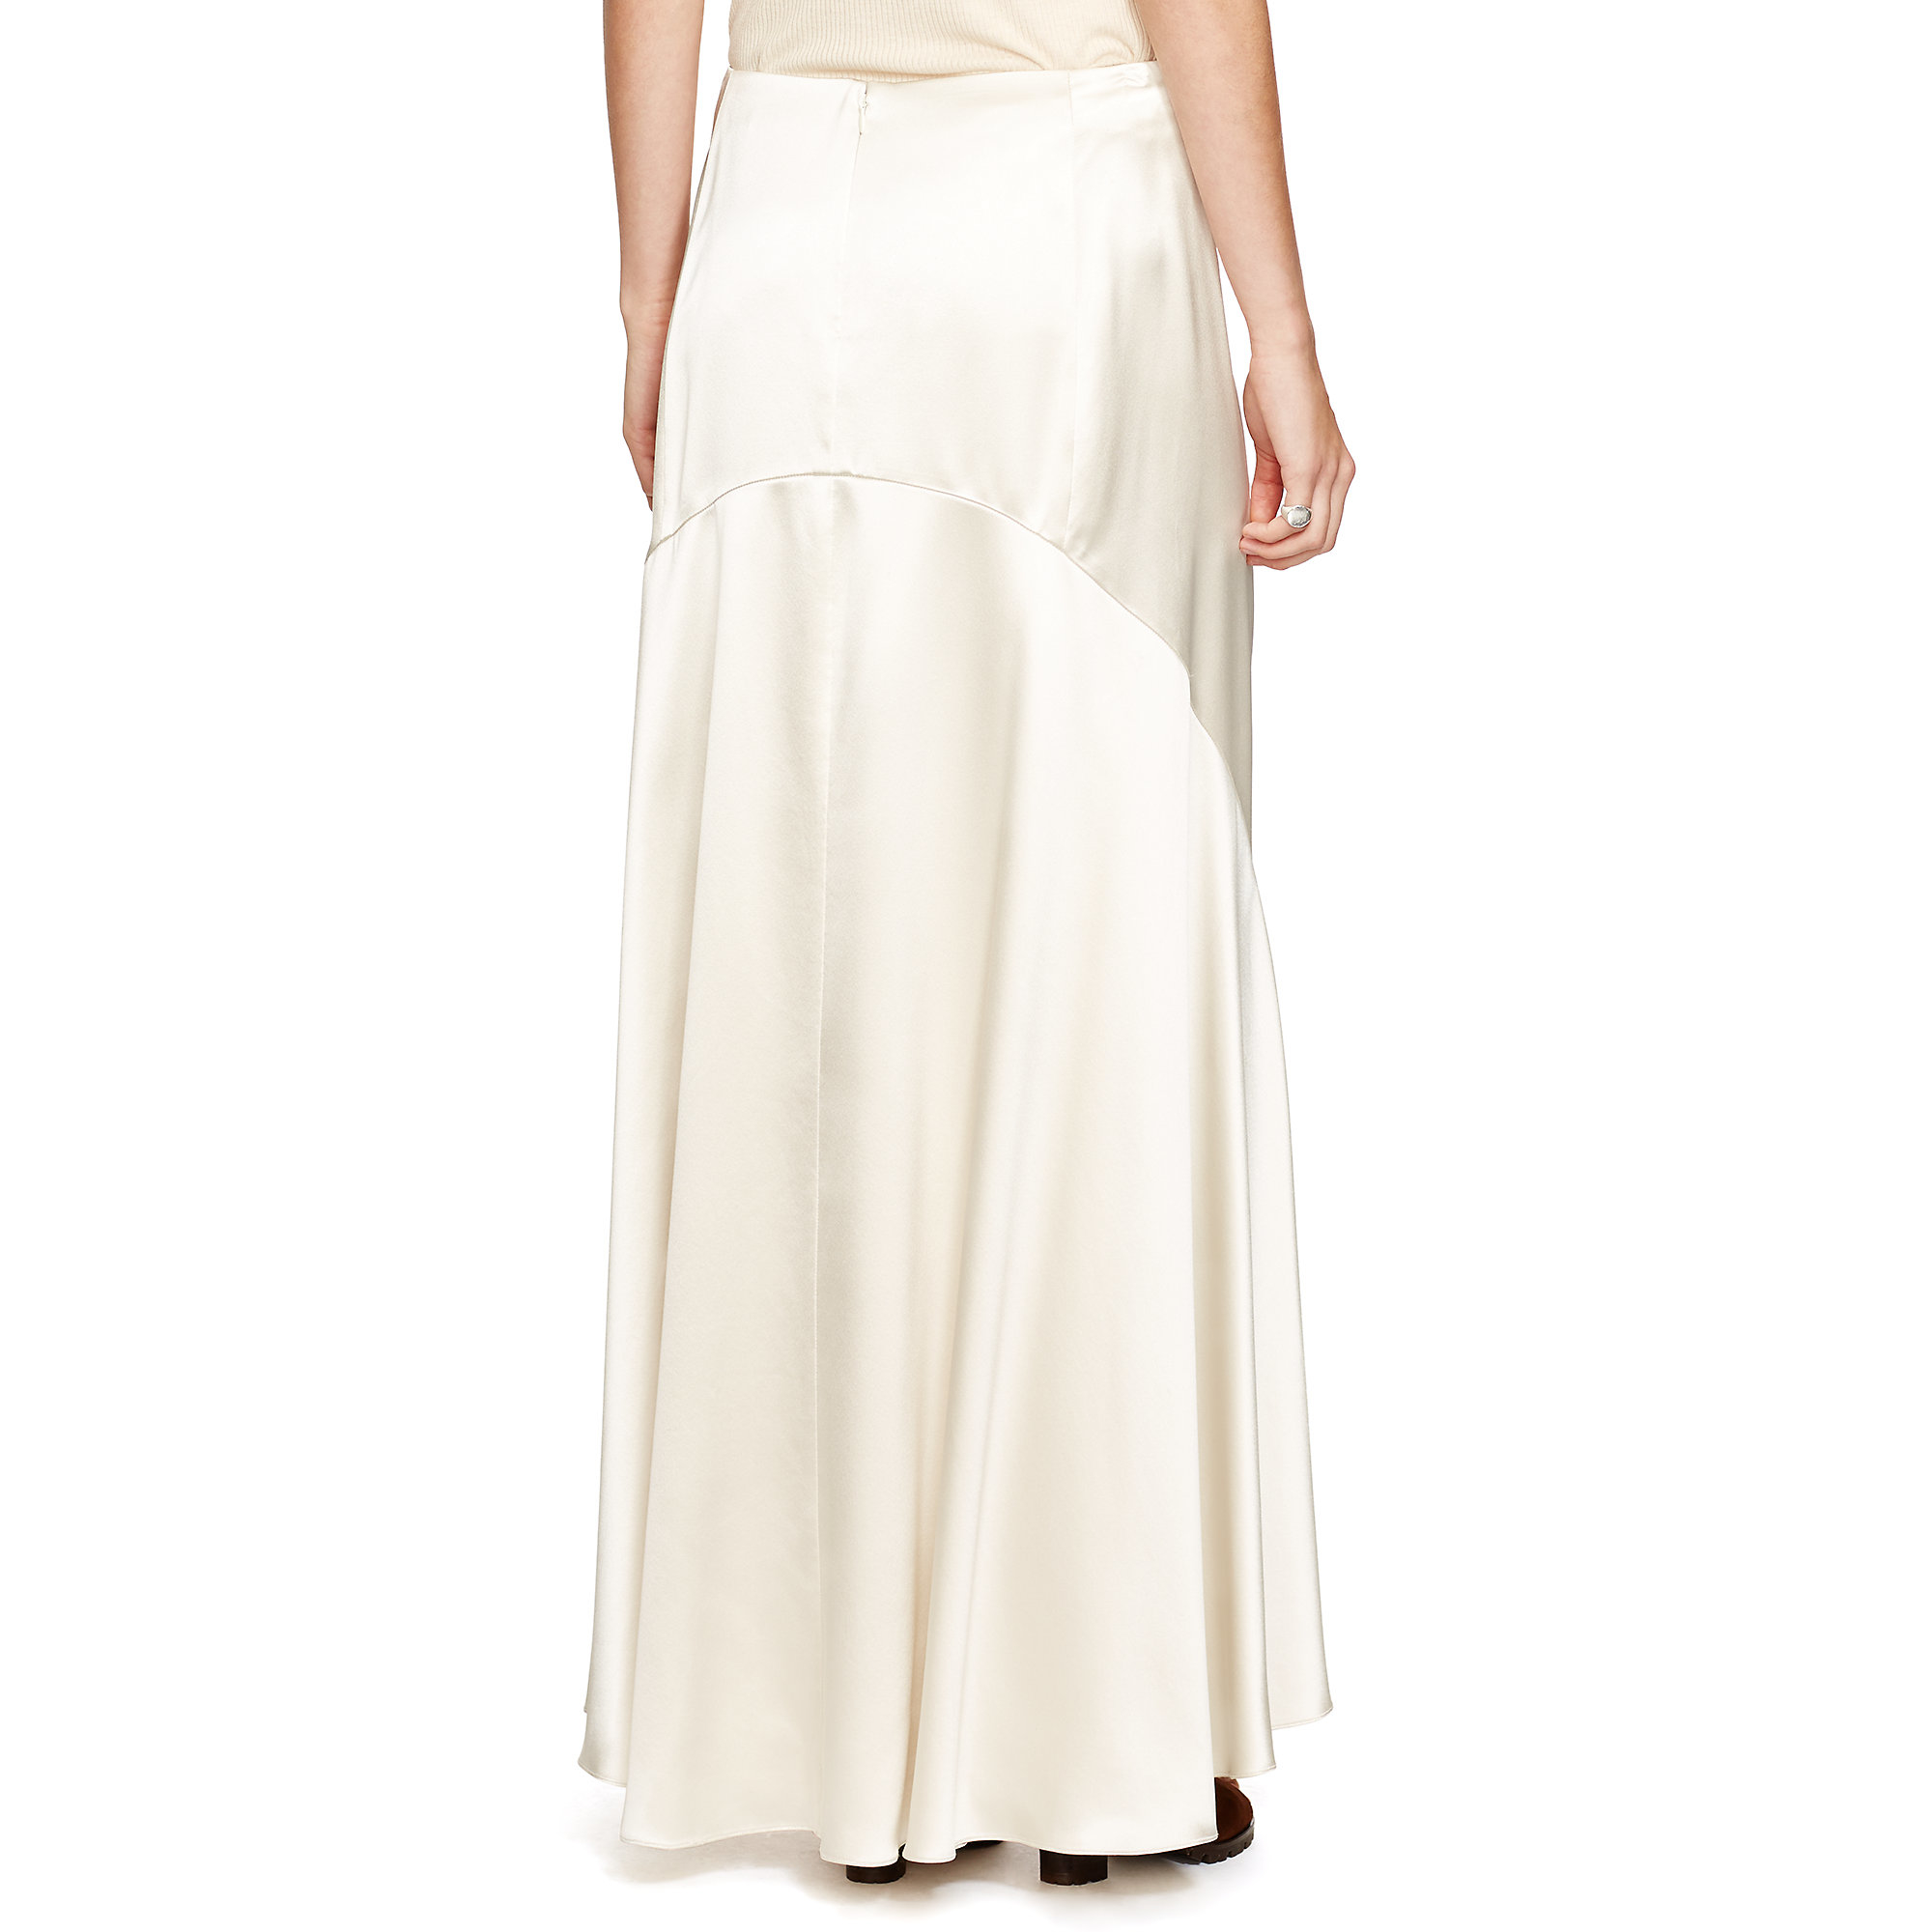 Polo ralph lauren Silk Maxiskirt in Natural | Lyst